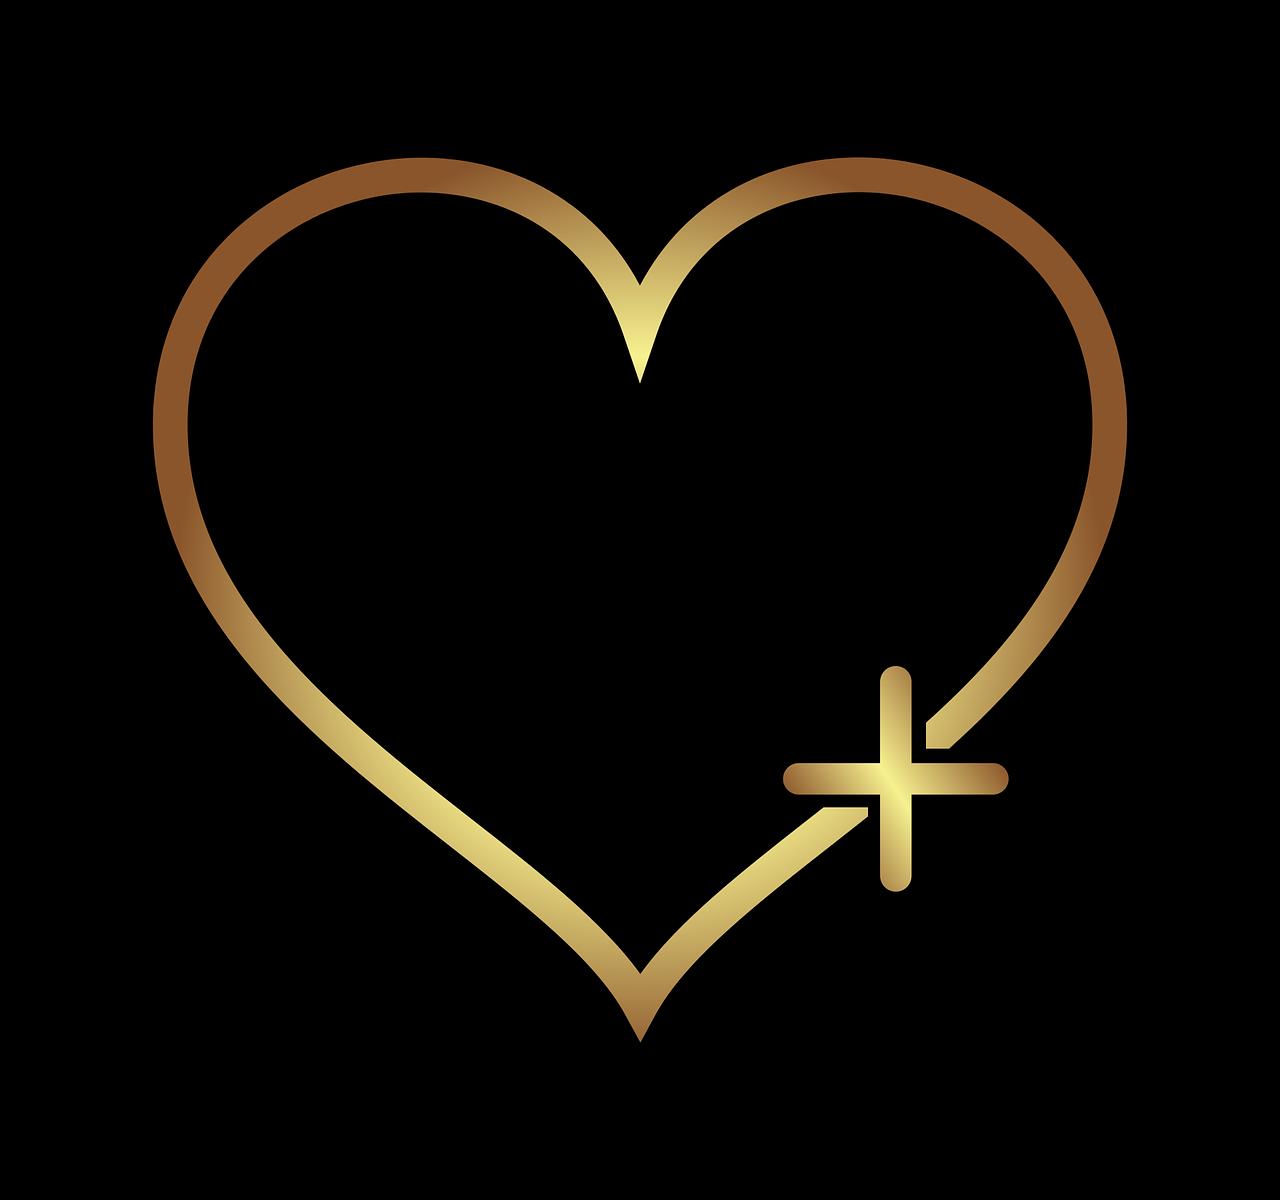 Goldenes Herz auf schwarzen Hintergrund mit plus-Zeichen auf rechts unten